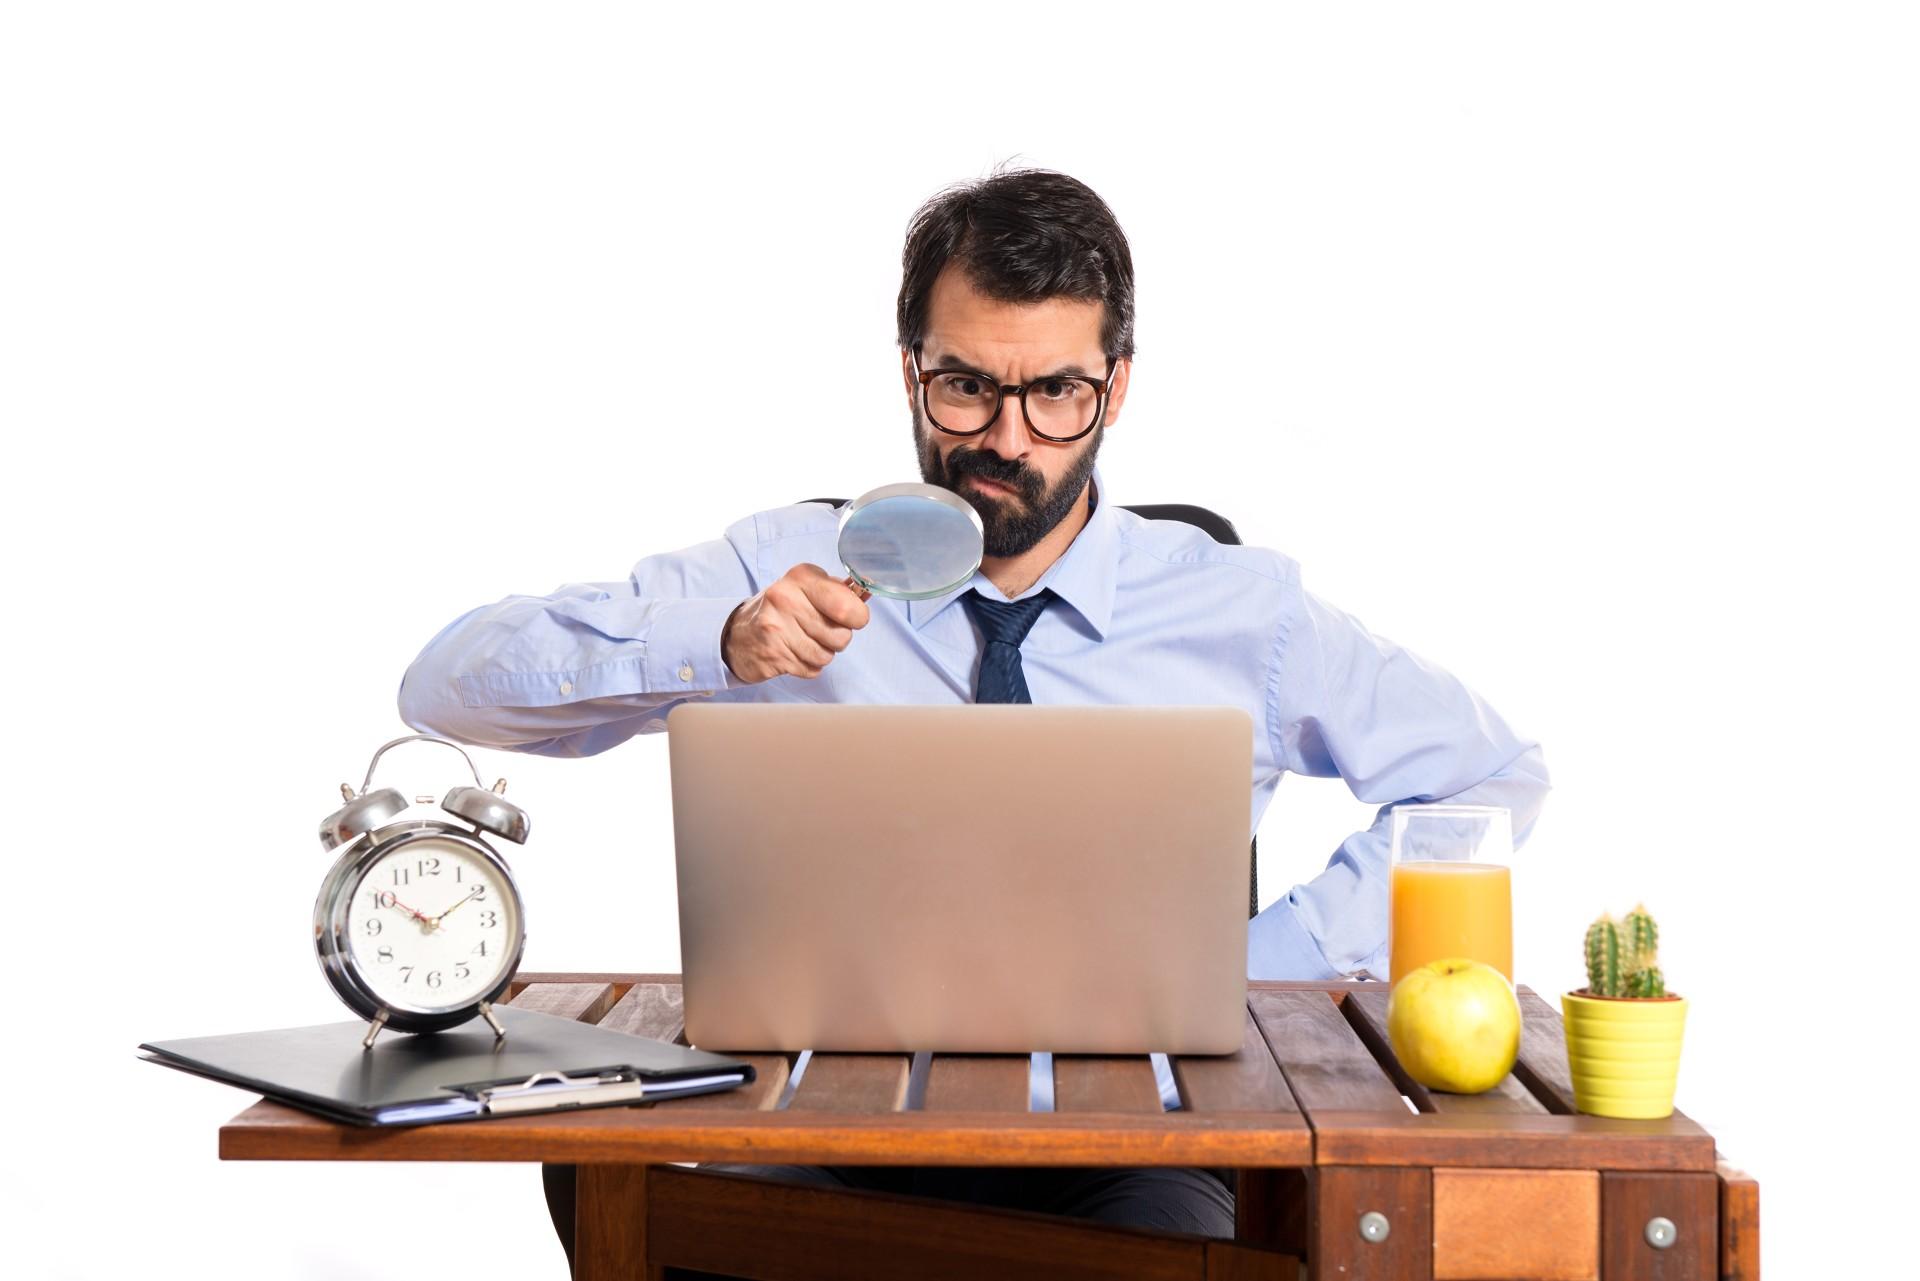 بهترین مسیر برای استخدام بدون سابقه کار-بدون سابقه کار، چگونه استخدام شوم؟